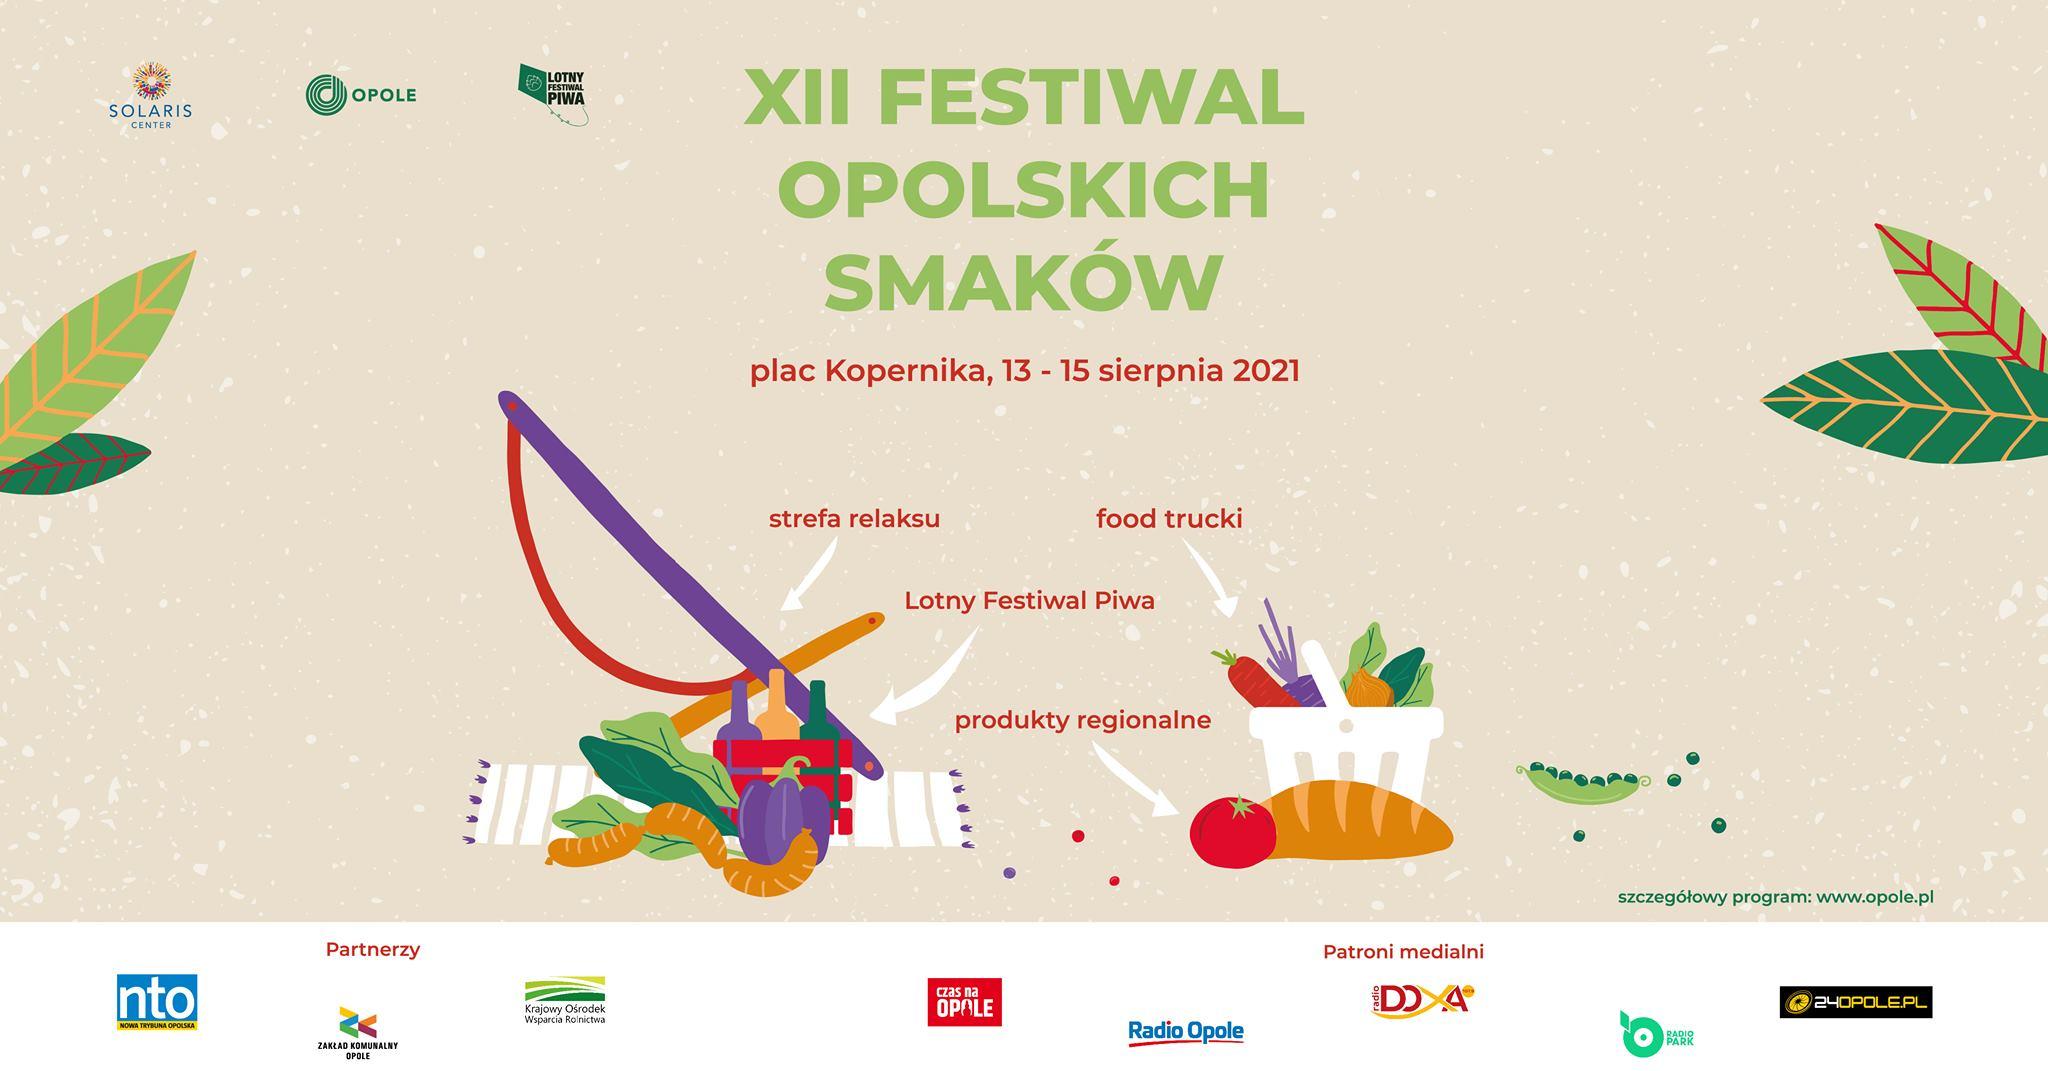 XII Festiwal Opolskich Smaków już w ten weekend – poznaj szczegóły! [materiały organizatora]